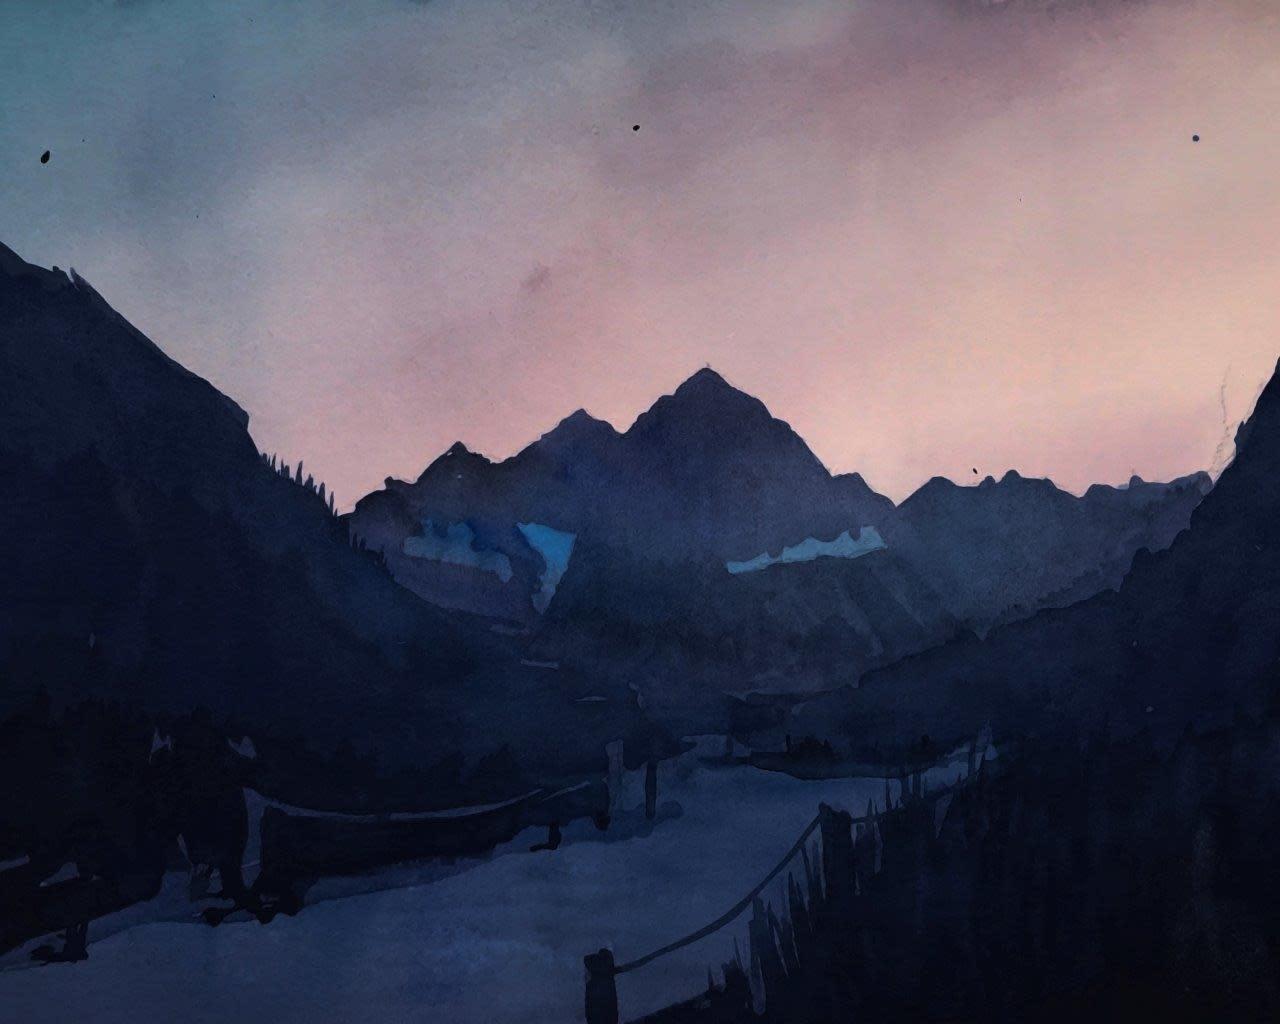 Mt aspen maroon bells dusk jriqrj